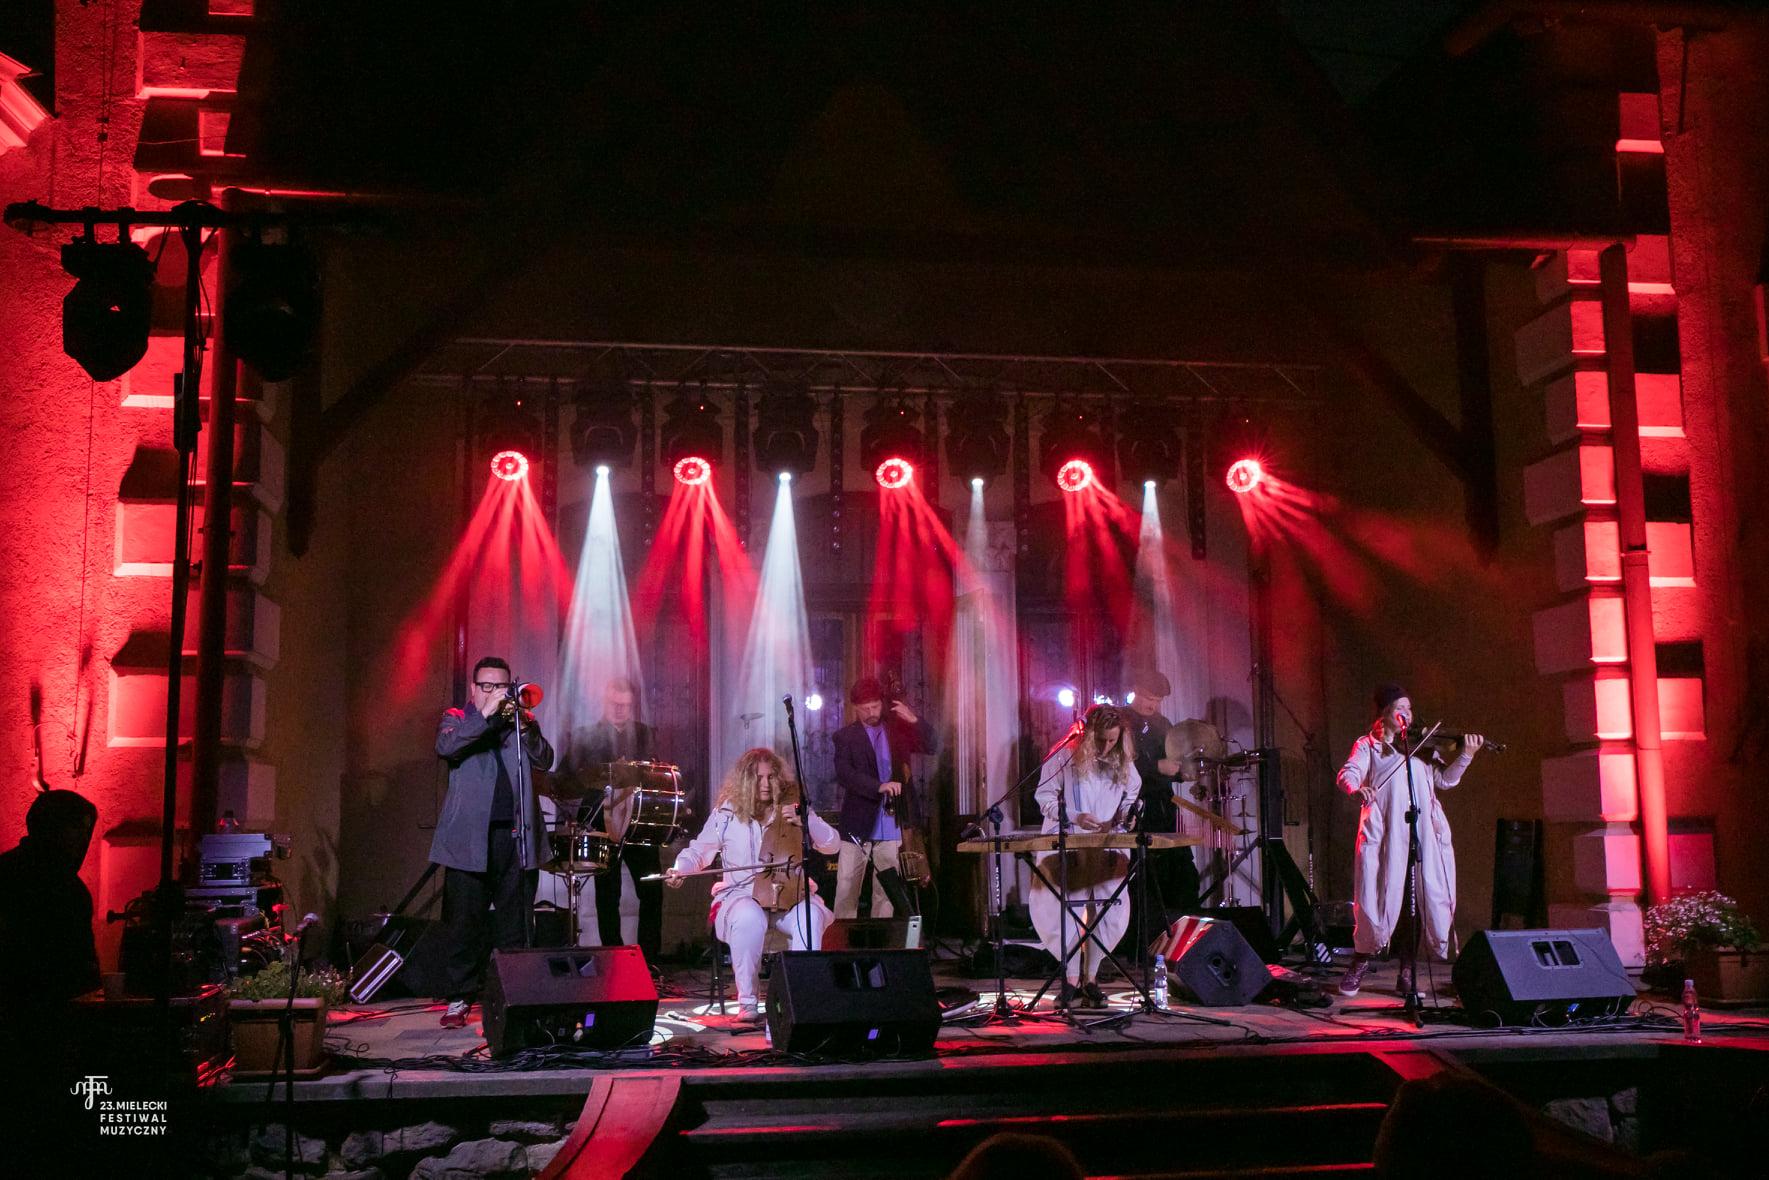 Kapela ze wsi Warszawa dała energetyczny koncert w Mielcu [FOTO] - Zdjęcie główne